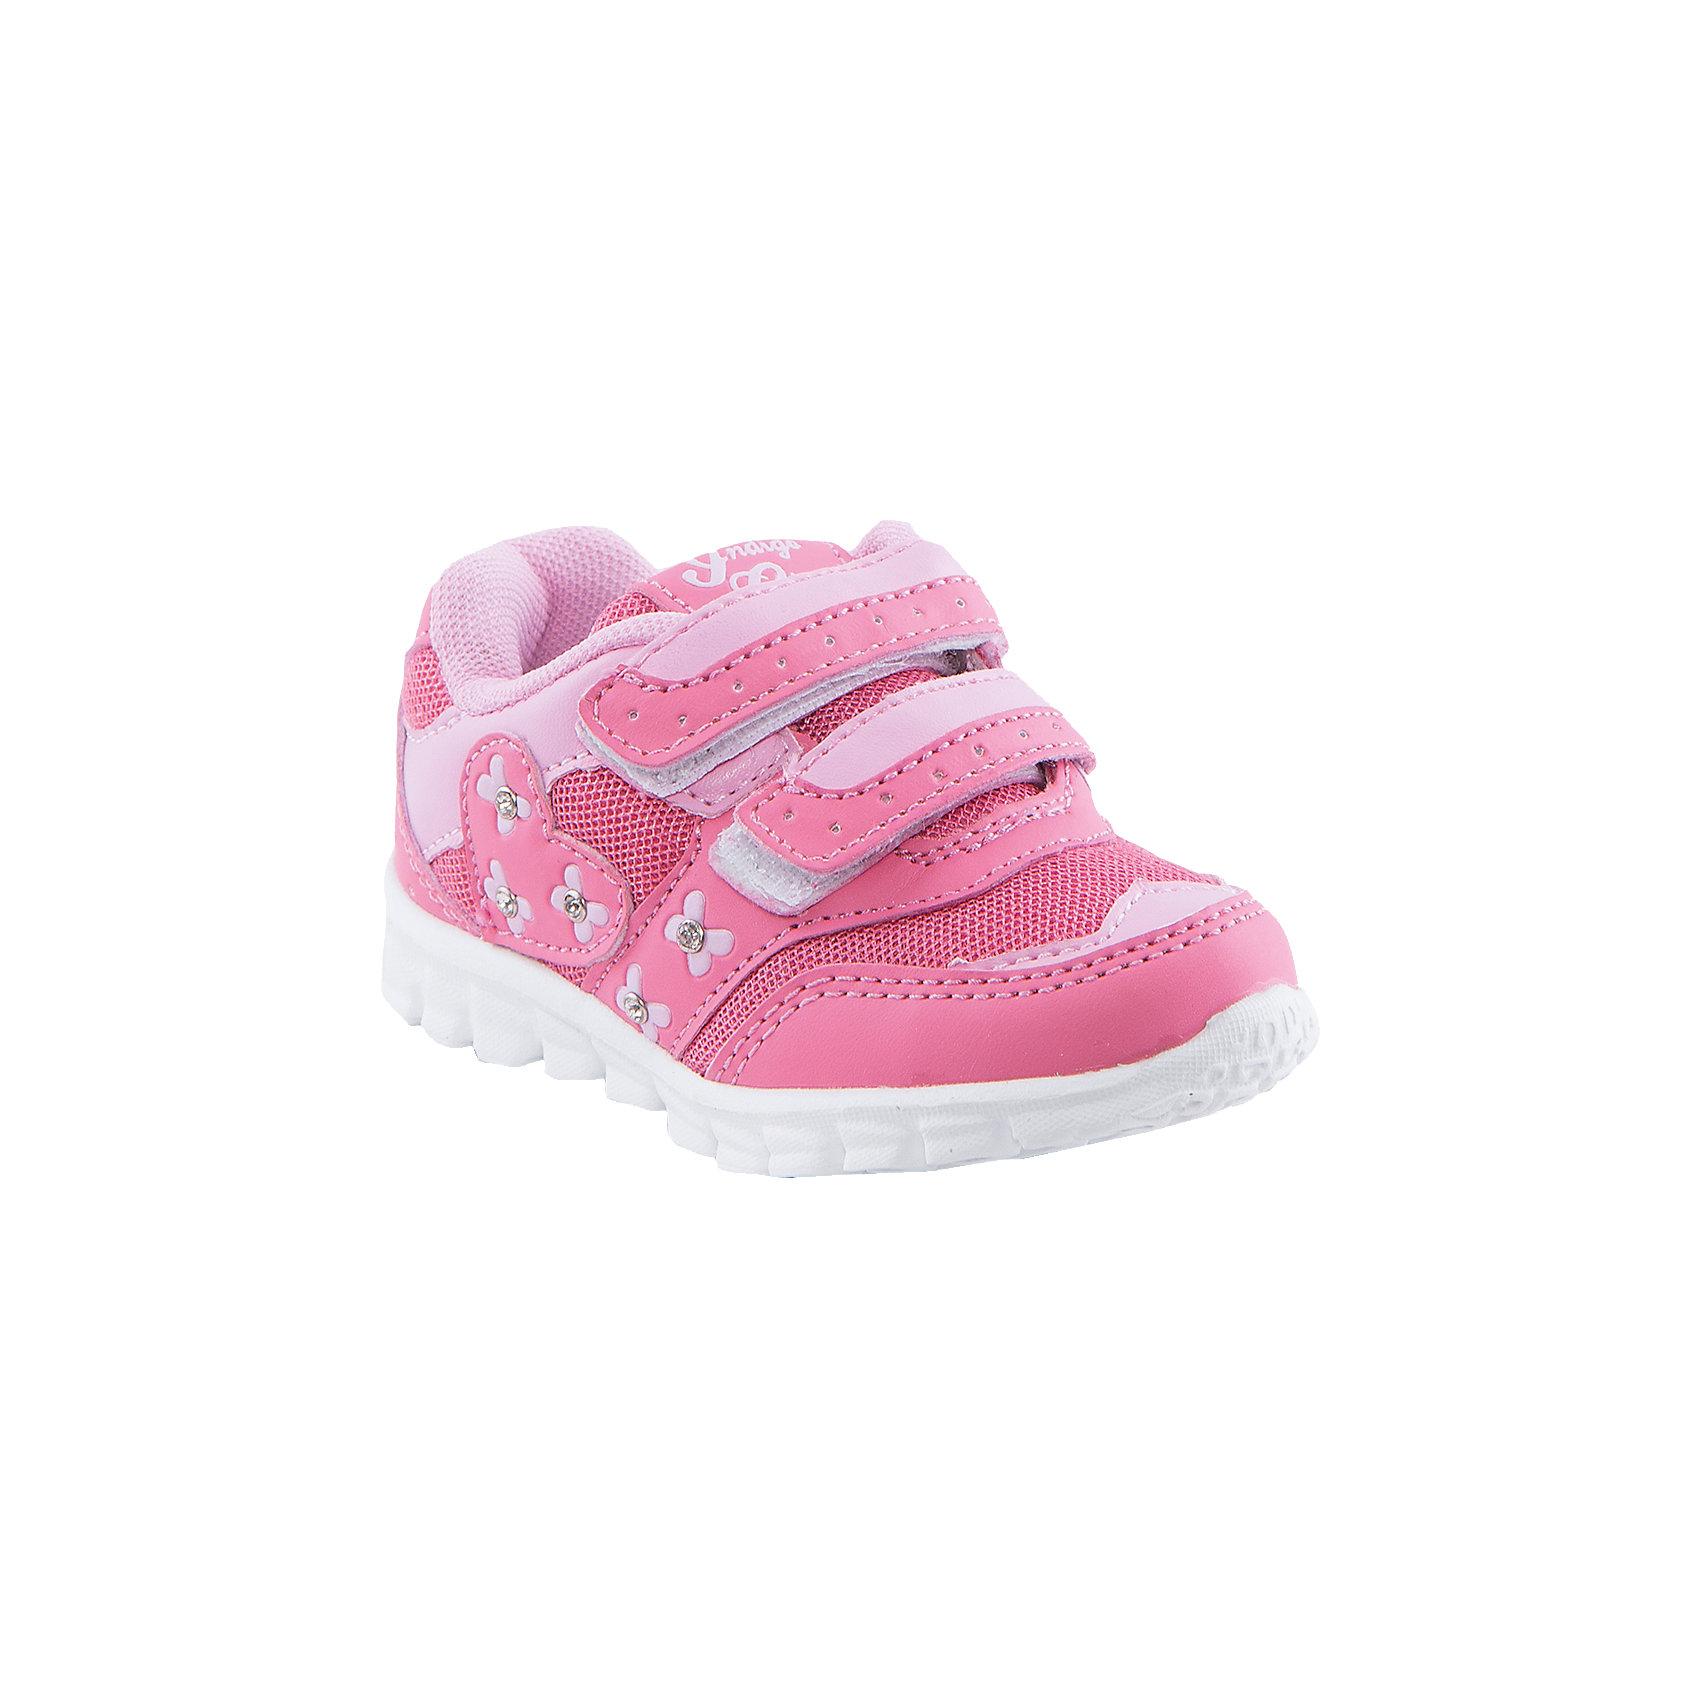 Кроссовки для девочки Indigo kidsБотинки для девочки от известного бренда Indigo kids<br><br>Модные розовые кроссовки позволяют ножкам ребенка свободно дышать. Они легко надеваются и комфортно садятся по ноге. <br><br>Особенности модели:<br><br>- цвет - розовый;<br>- стильный дизайн;<br>- удобная колодка;<br>- текстильная подкладка;<br>- украшены стразами;<br>- устойчивая подошва;<br>- дышащая ткань;<br>- застежки: липучки.<br><br>Дополнительная информация:<br><br>Температурный режим:<br>от +10° С до +20° С<br><br>Состав:<br><br>верх – искусственная кожа/текстиль;<br>подкладка - текстиль;<br>подошва - ТЭП.<br><br>Ботинки для девочки Indigo kids (Индиго Кидс) можно купить в нашем магазине.<br><br>Ширина мм: 262<br>Глубина мм: 176<br>Высота мм: 97<br>Вес г: 427<br>Цвет: розовый<br>Возраст от месяцев: 21<br>Возраст до месяцев: 24<br>Пол: Женский<br>Возраст: Детский<br>Размер: 24,21,22,23,25,26<br>SKU: 4520223